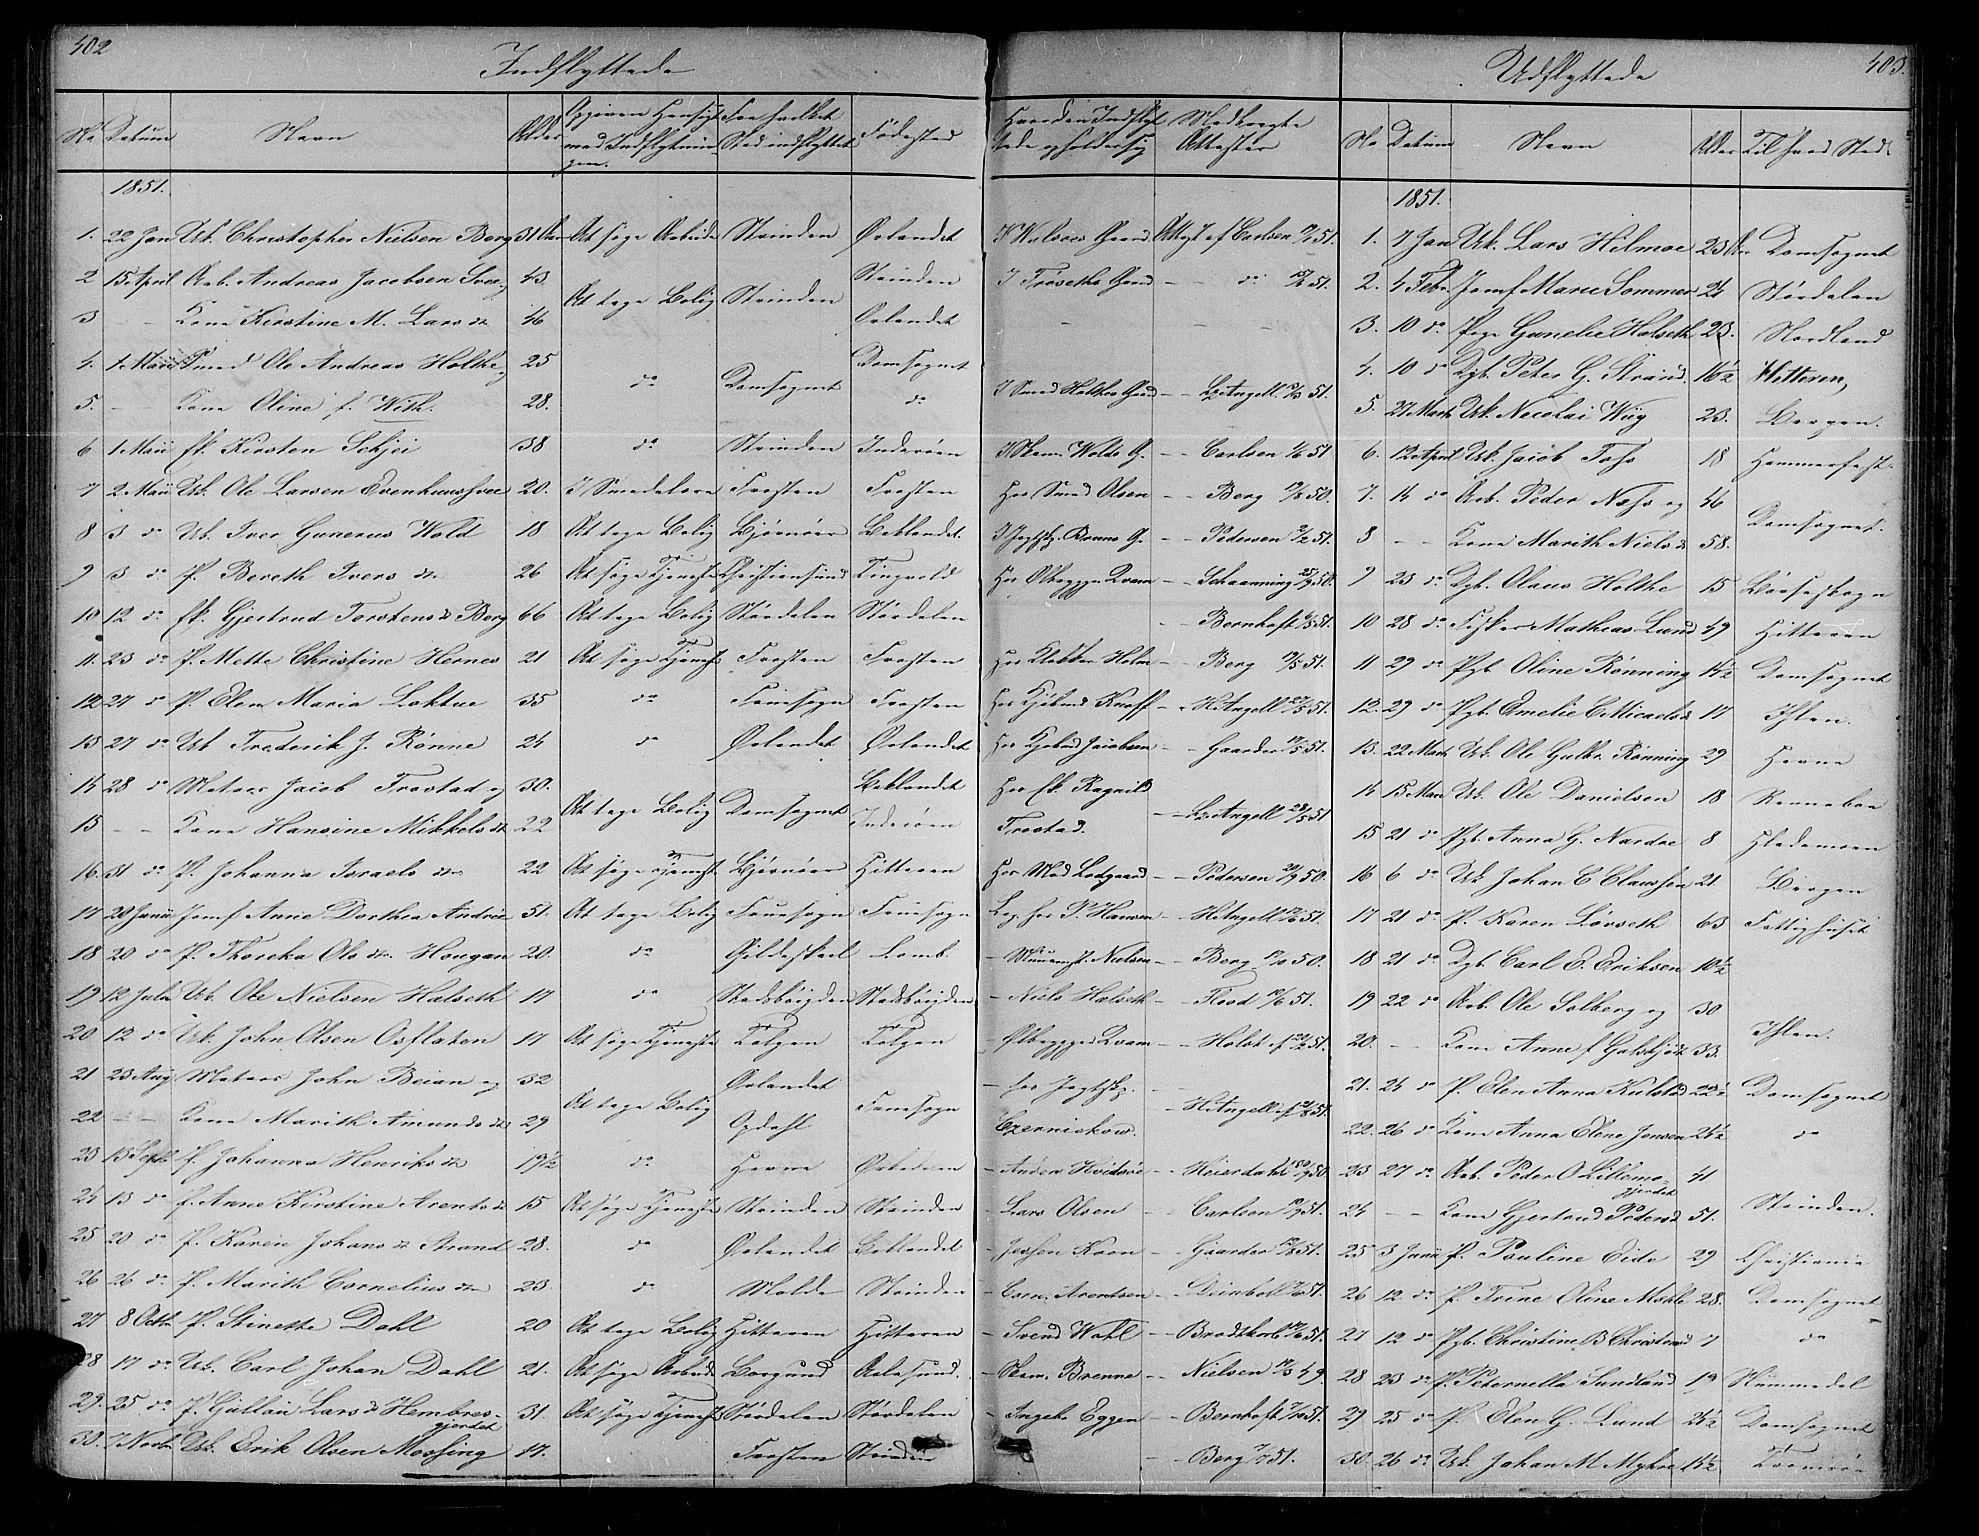 SAT, Ministerialprotokoller, klokkerbøker og fødselsregistre - Sør-Trøndelag, 604/L0219: Klokkerbok nr. 604C02, 1851-1869, s. 402-403